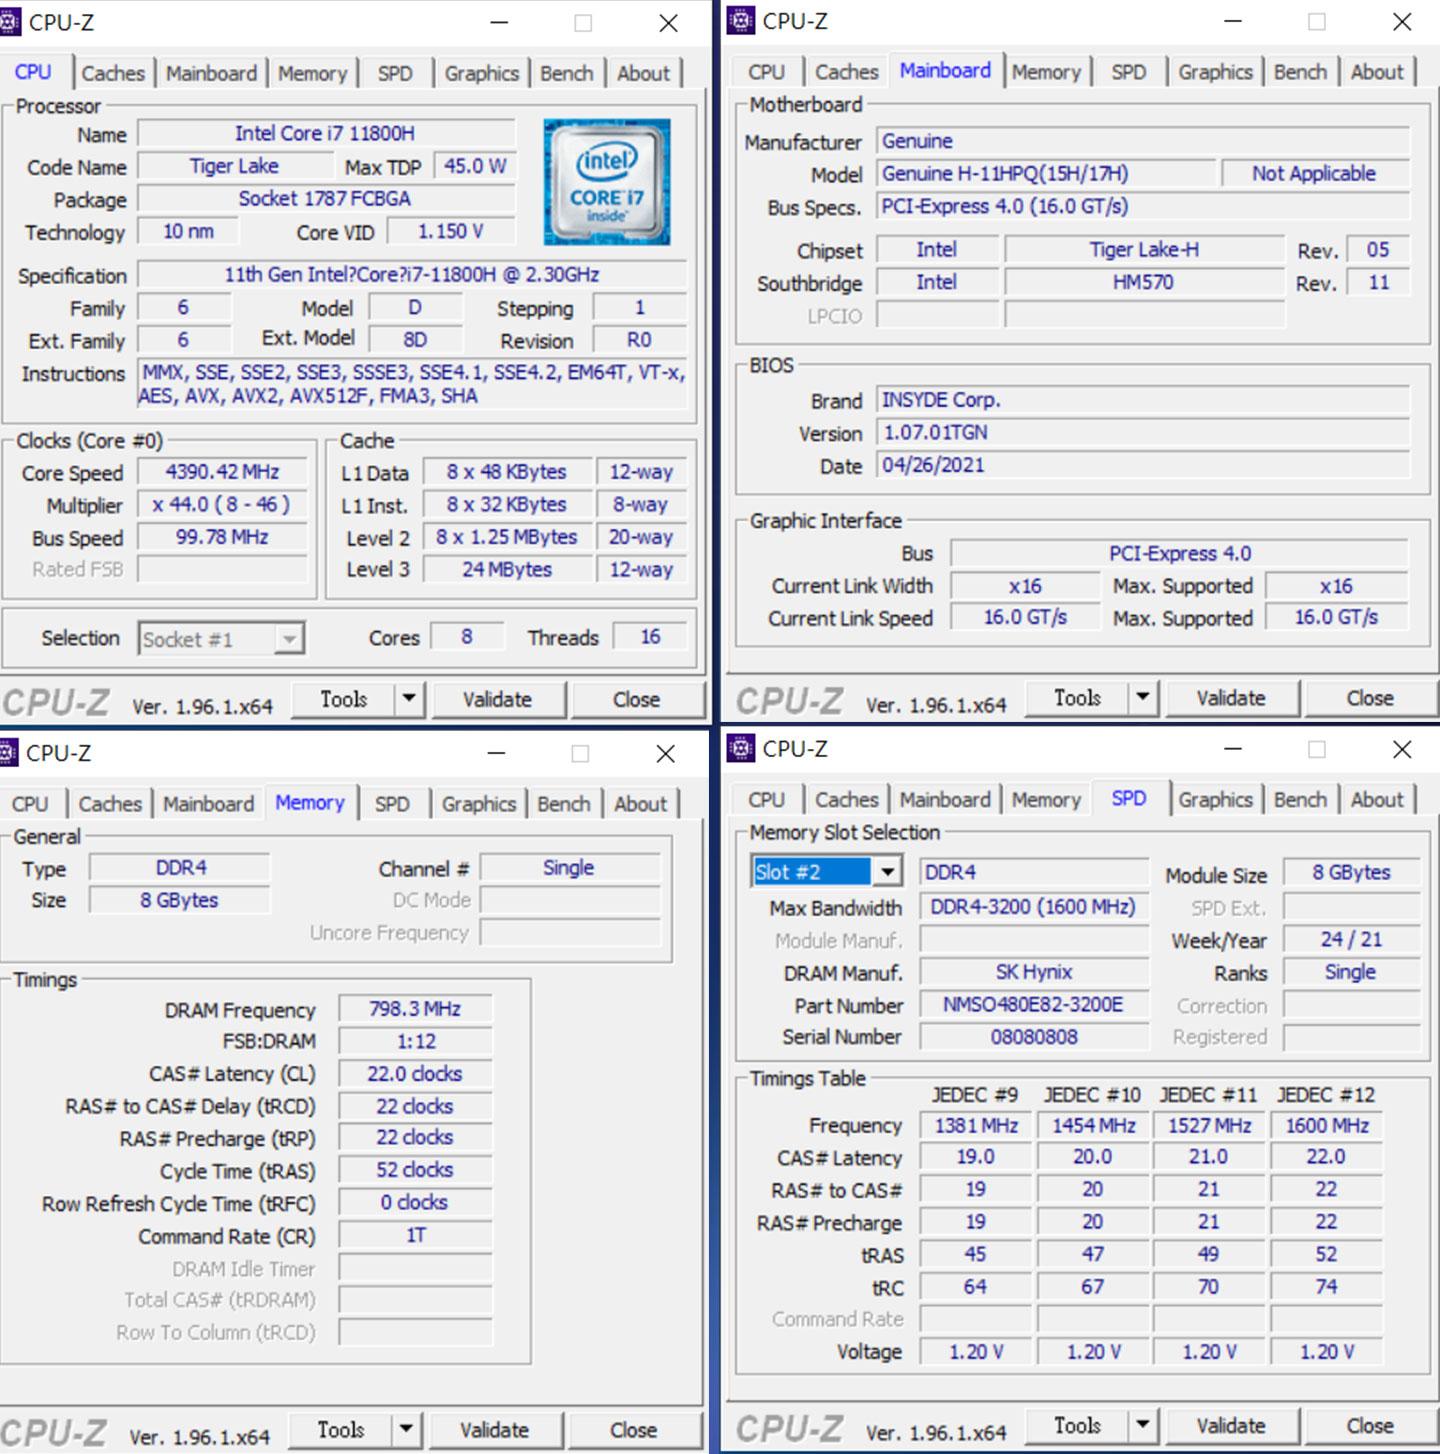 內建 Intel H45 平台的處理器-Intel Core i7-11800H 的詳細規格資料。